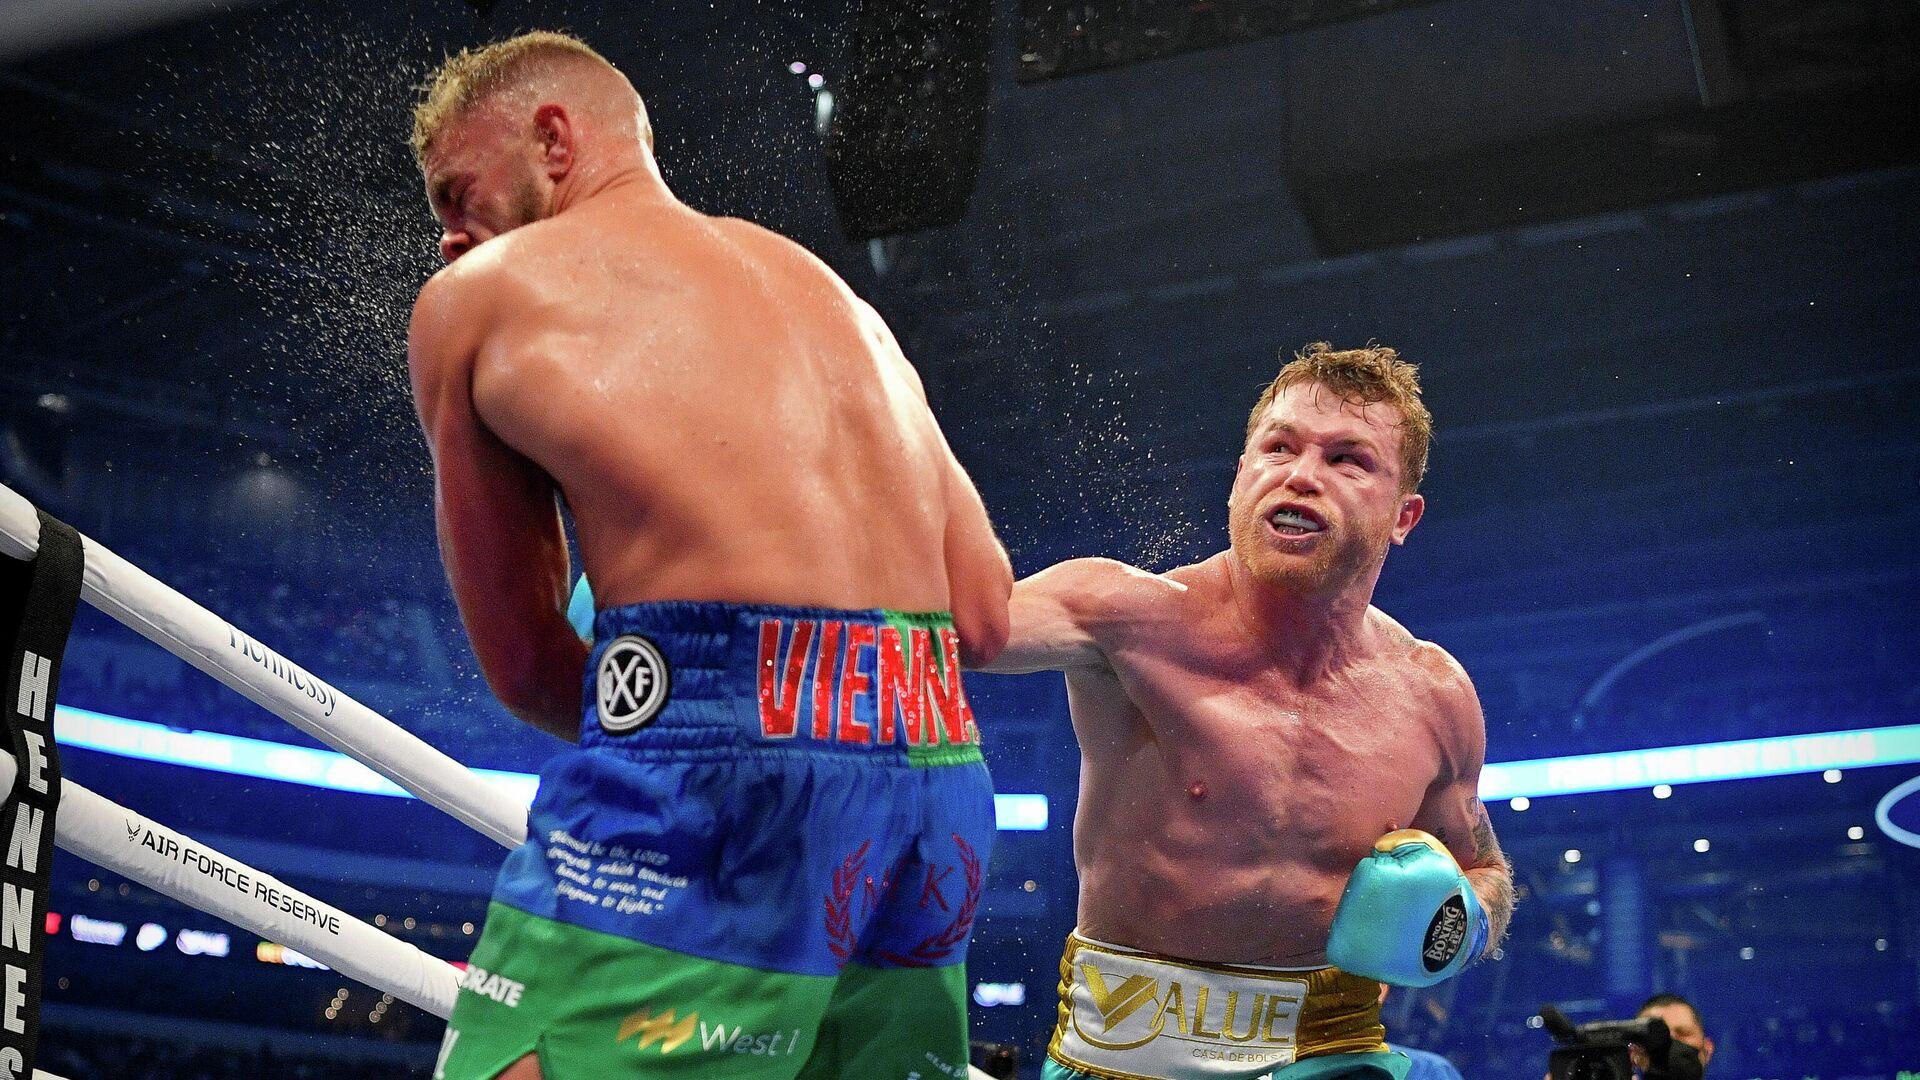 La pelea entre el boxeador mexicano Saúl 'Canelo' Álvarez y el boxeador inglés Billy Joe Saunders - Sputnik Mundo, 1920, 09.05.2021